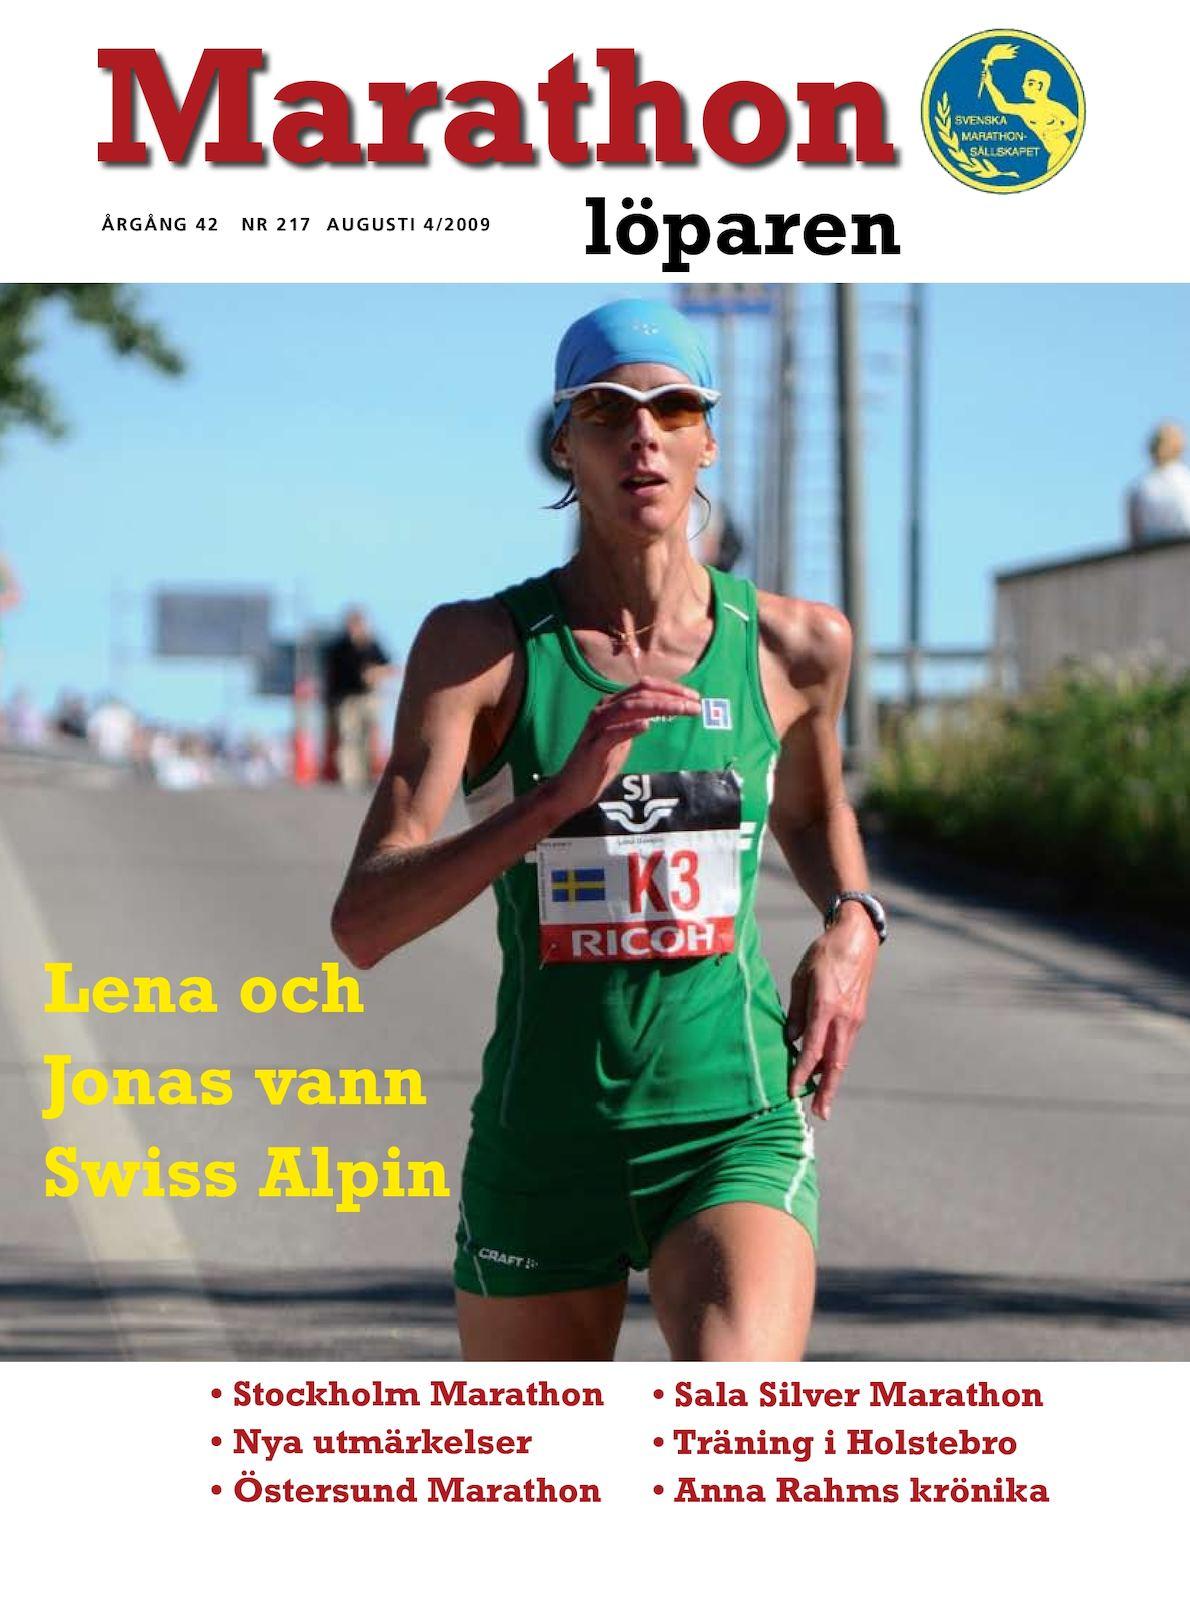 Historisk maratonsegrare